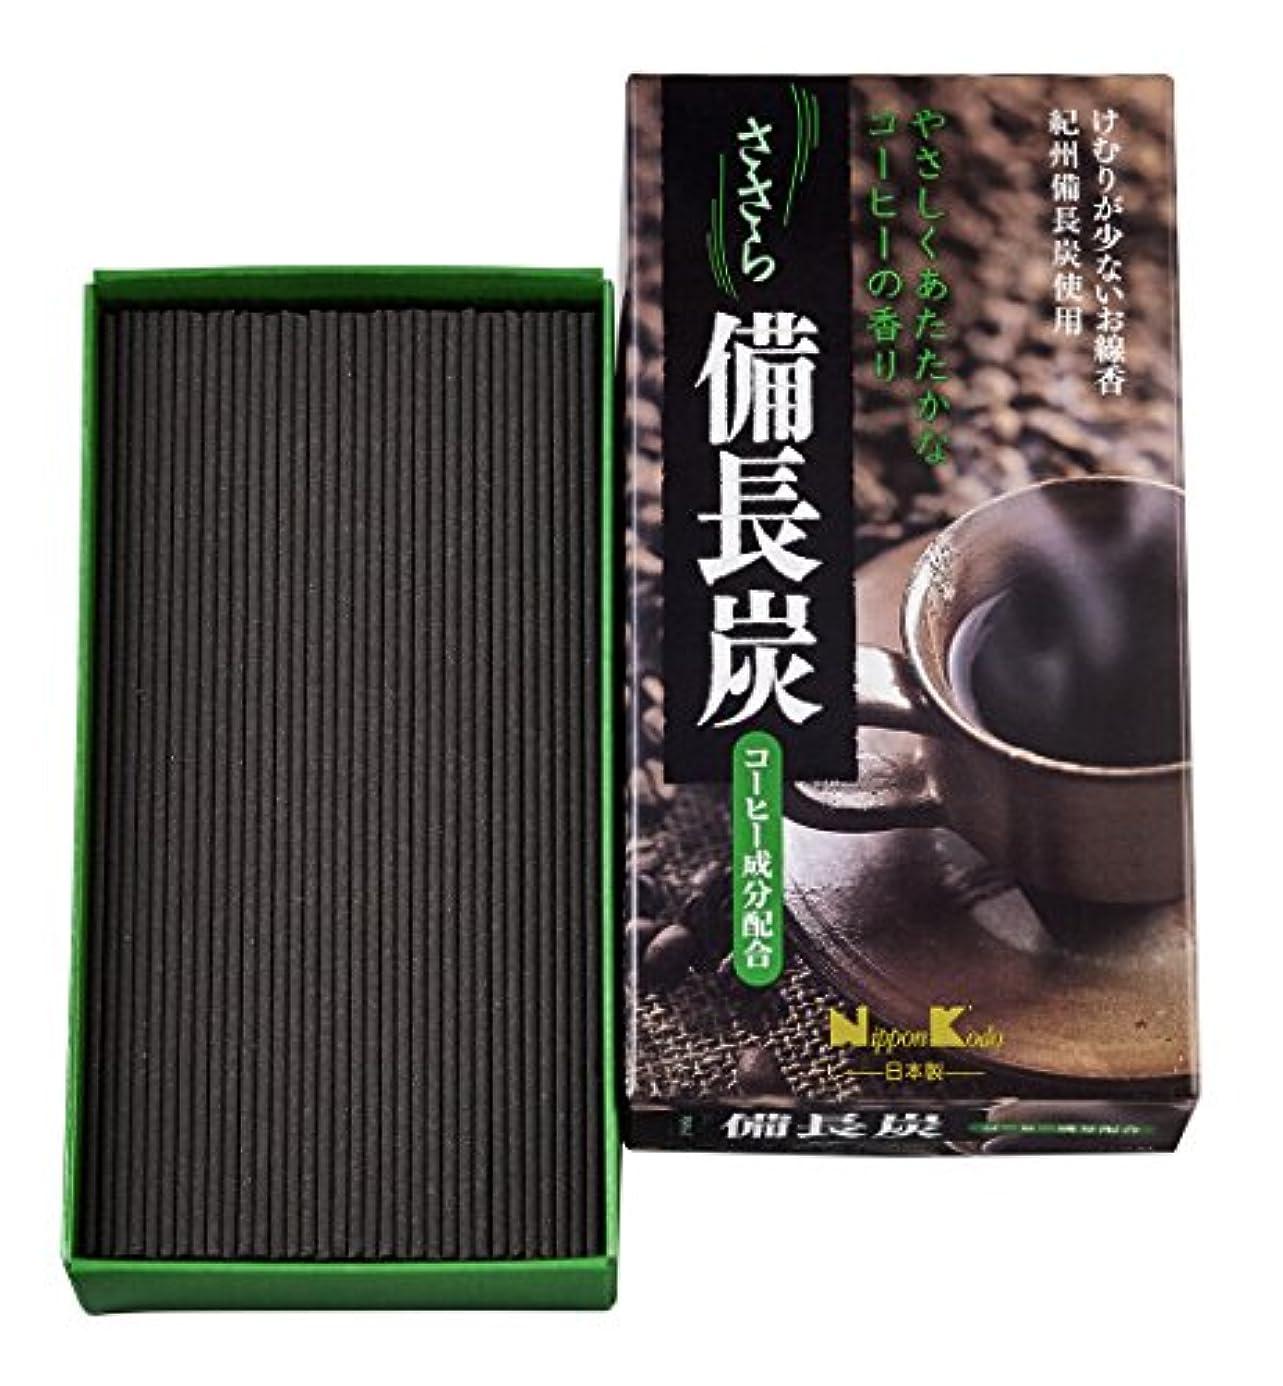 ライムスペア液化するささら 備長炭 コーヒー バラ詰